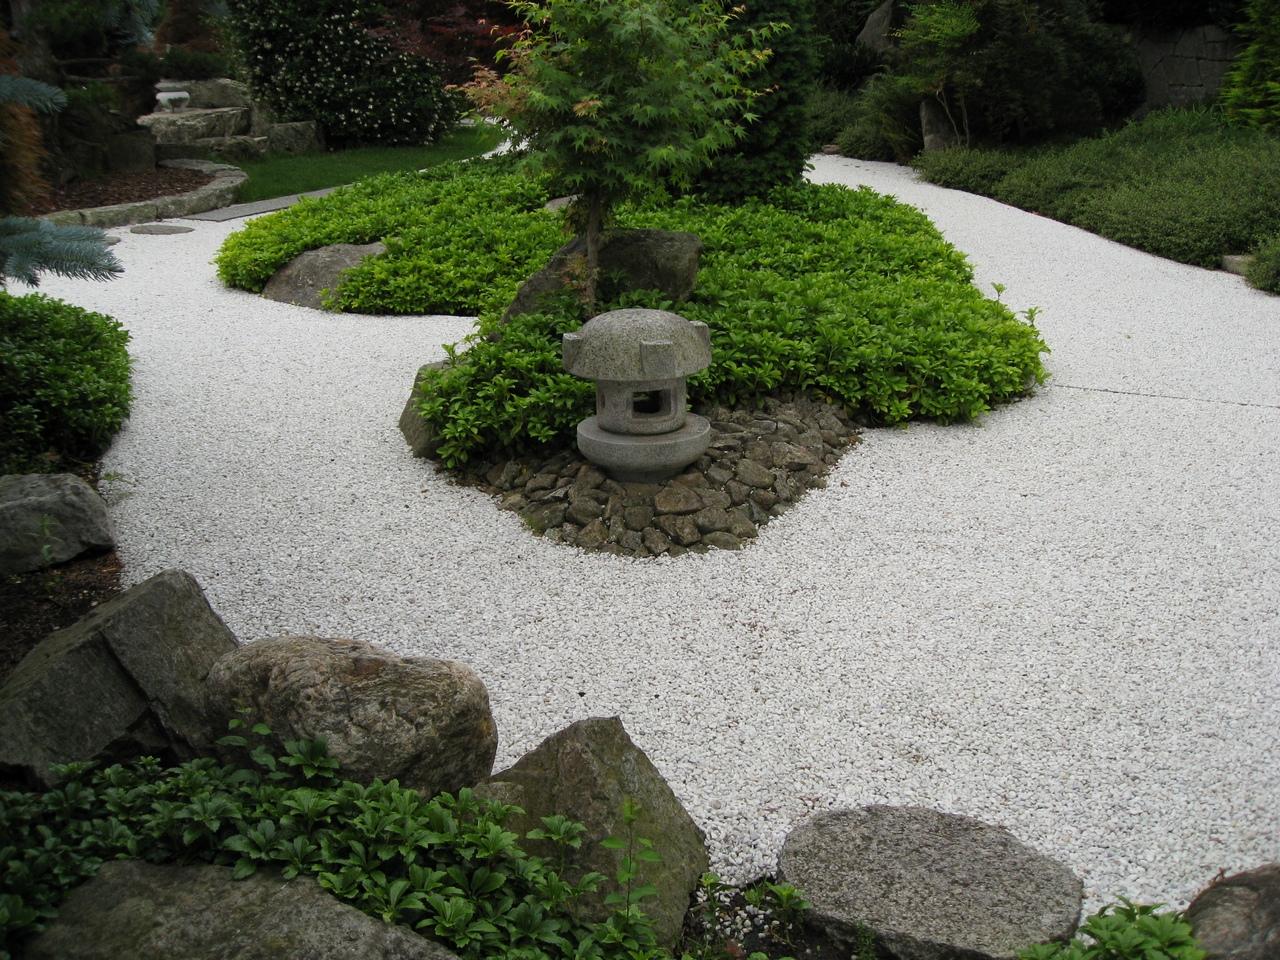 senderos grava 300x225 Senderos y caminos de piedras en el jardín